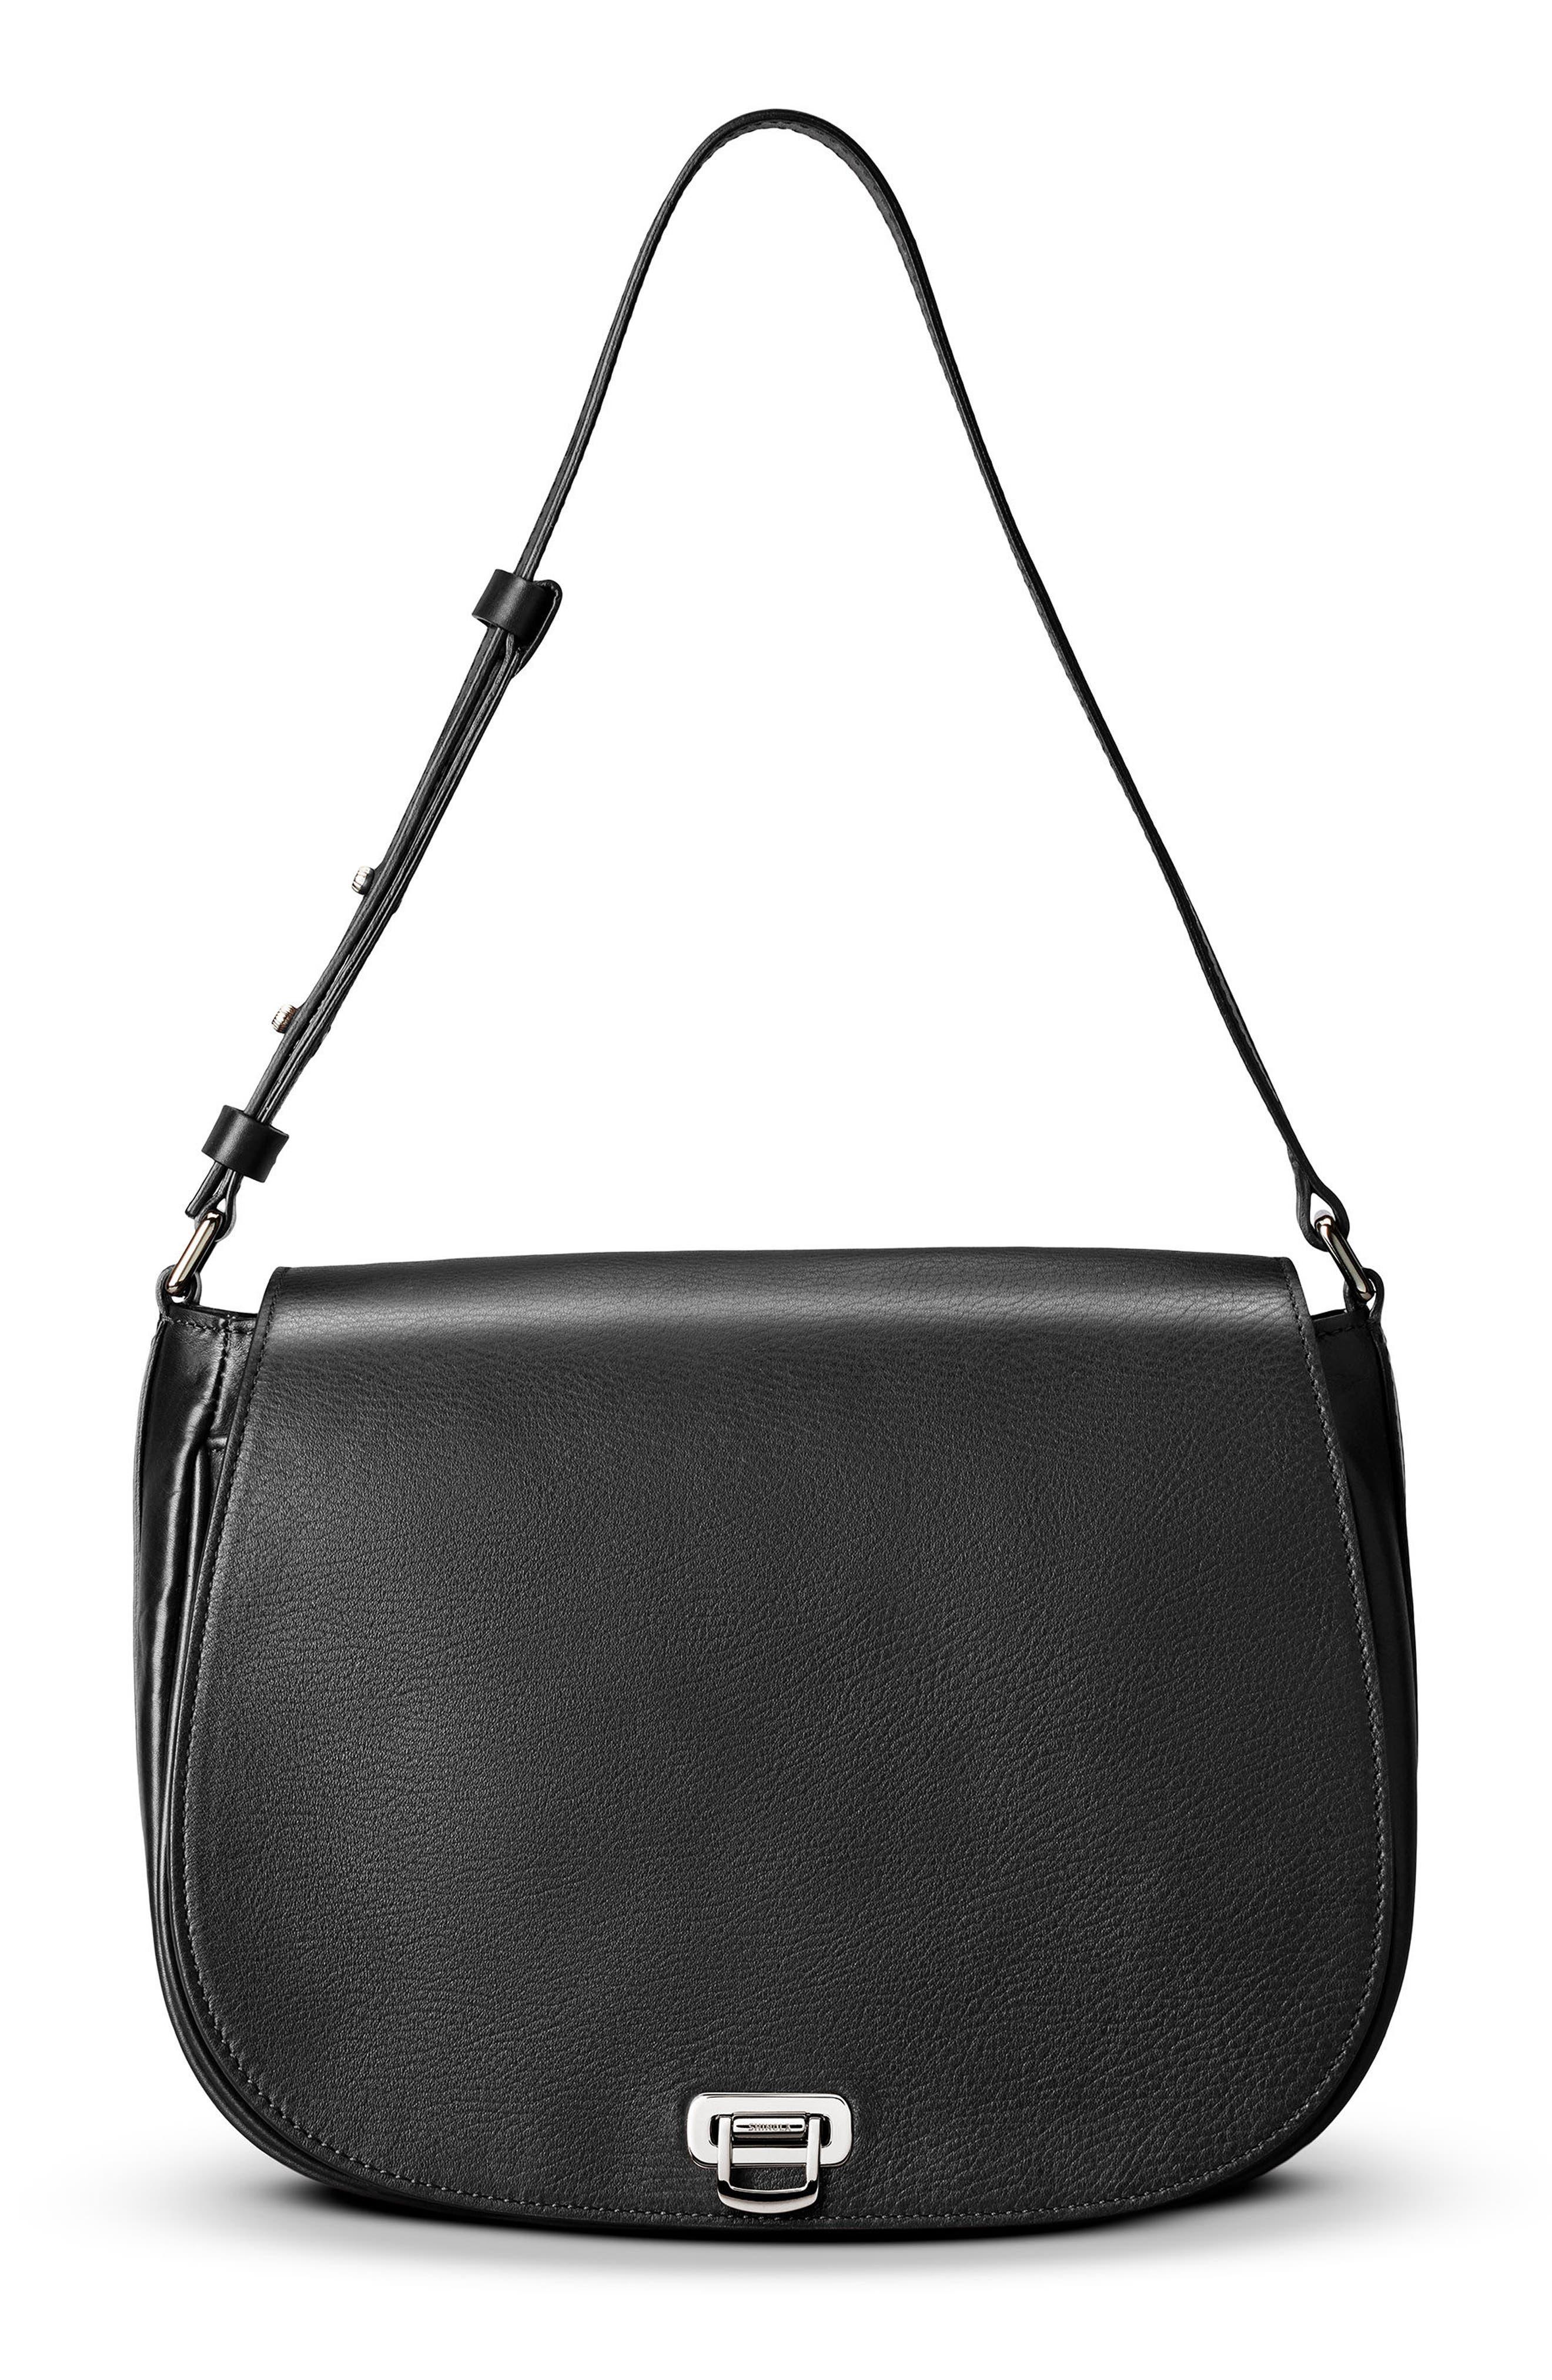 Calfskin Leather Shoulder Bag,                             Alternate thumbnail 10, color,                             001